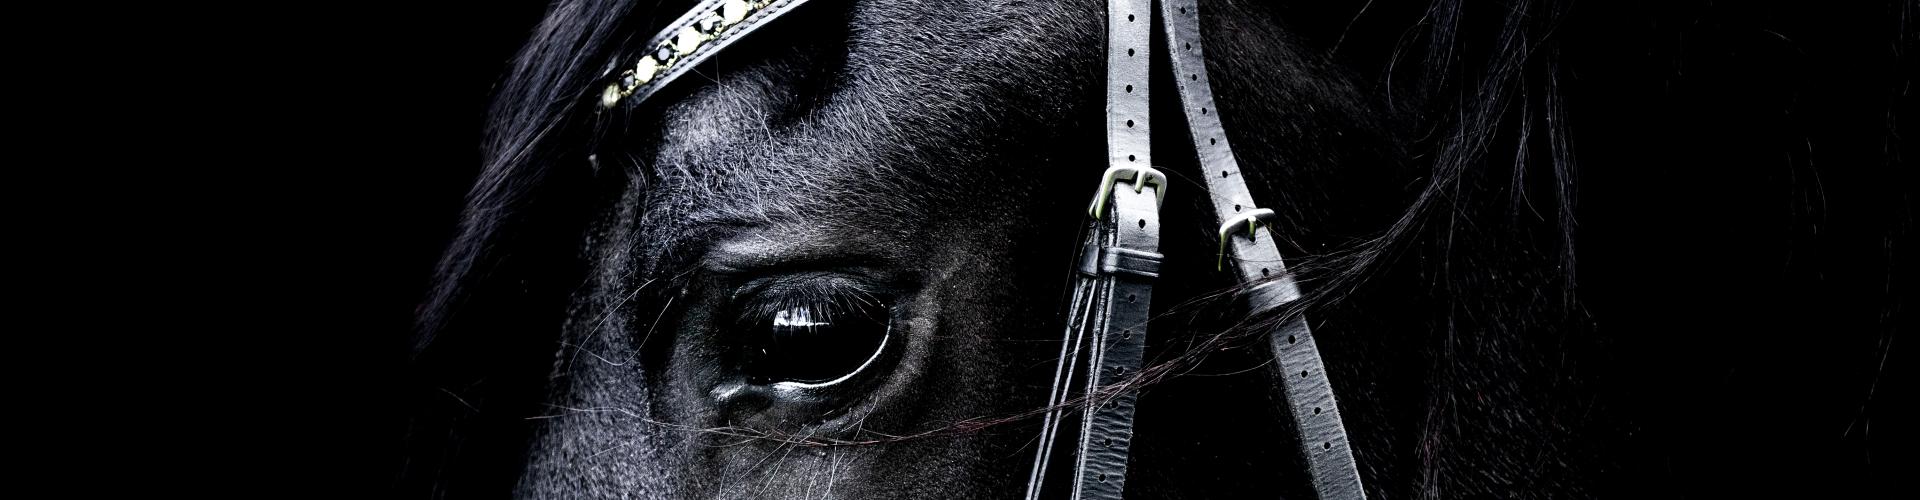 Horse Health Plan voorkom dierenartskosten